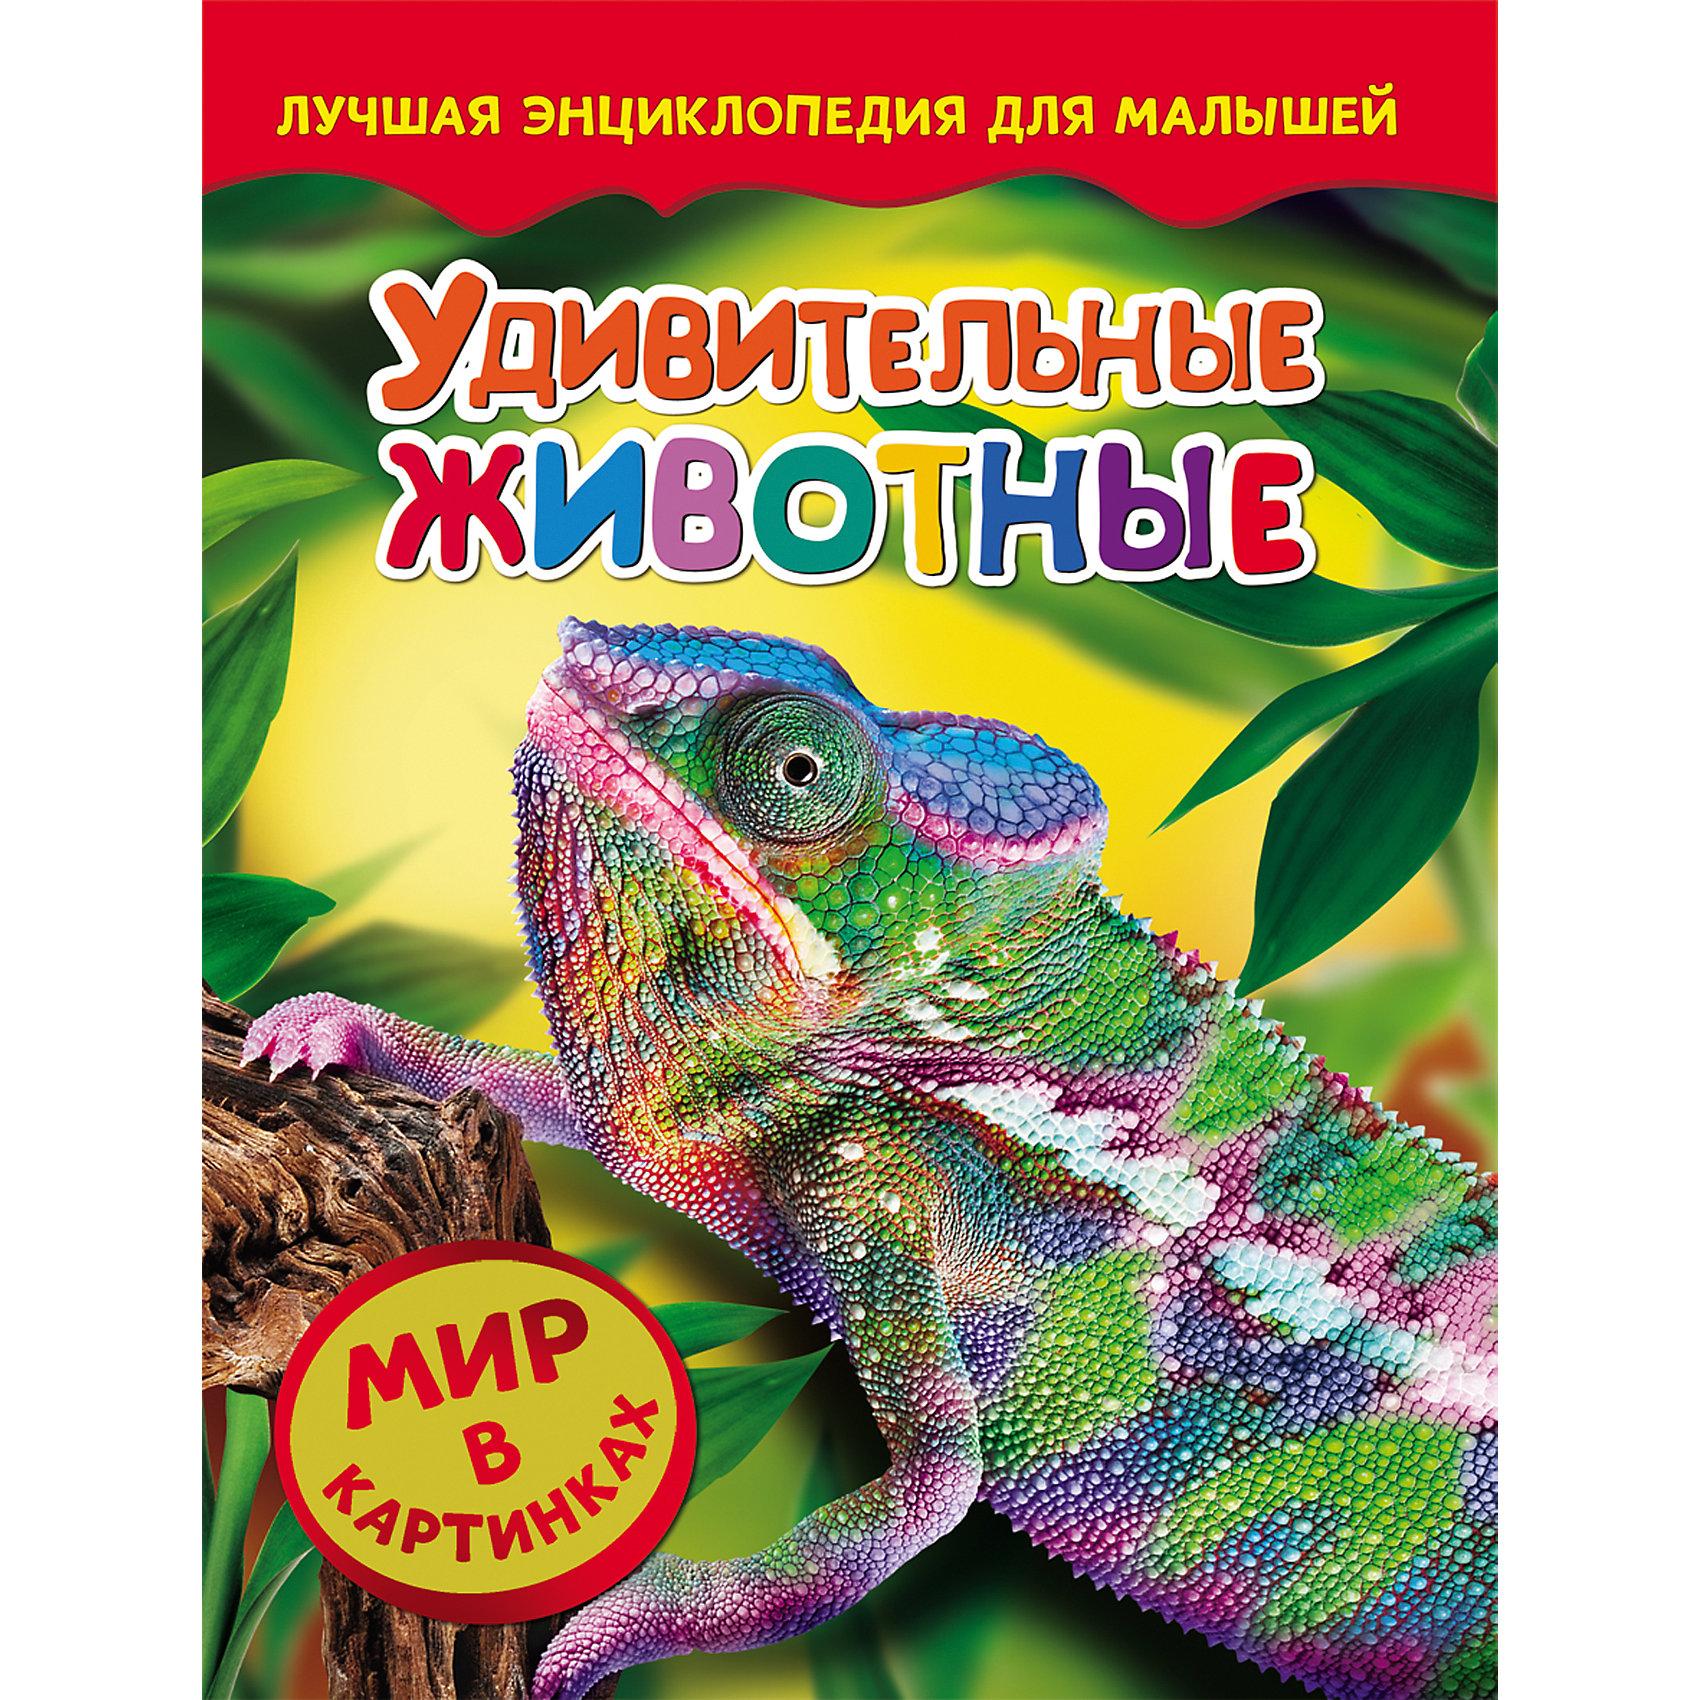 Удивительные животные, Мир в картинкахС этой удивительной книжкой ваш ребенок откроет огромный мир в картинках! Малыши обожают рассматривать яркие рисунки, с помощью этого они познают мир, развивают цветовосприятие, фантазию и мышление.<br>На страницах этой книги ребенок найдет множество изображений удивительных и редких животных. Все рисунки очень яркие и прекрасно детализированы - они обязательно привлекут внимание малышей и дадут крохе самые первые знания об окружающем мире. <br><br>Дополнительная информация:<br><br>- Переплет: твердый.<br>- Количество страниц: 24.<br>- Иллюстрации: цветные. <br>- Формат: 26,5х20,5 см. <br><br>Книгу Удивительные животные, Мир в картинках, можно купить в нашем магазине.<br><br>Ширина мм: 265<br>Глубина мм: 205<br>Высота мм: 7<br>Вес г: 285<br>Возраст от месяцев: 36<br>Возраст до месяцев: 72<br>Пол: Унисекс<br>Возраст: Детский<br>SKU: 4756082